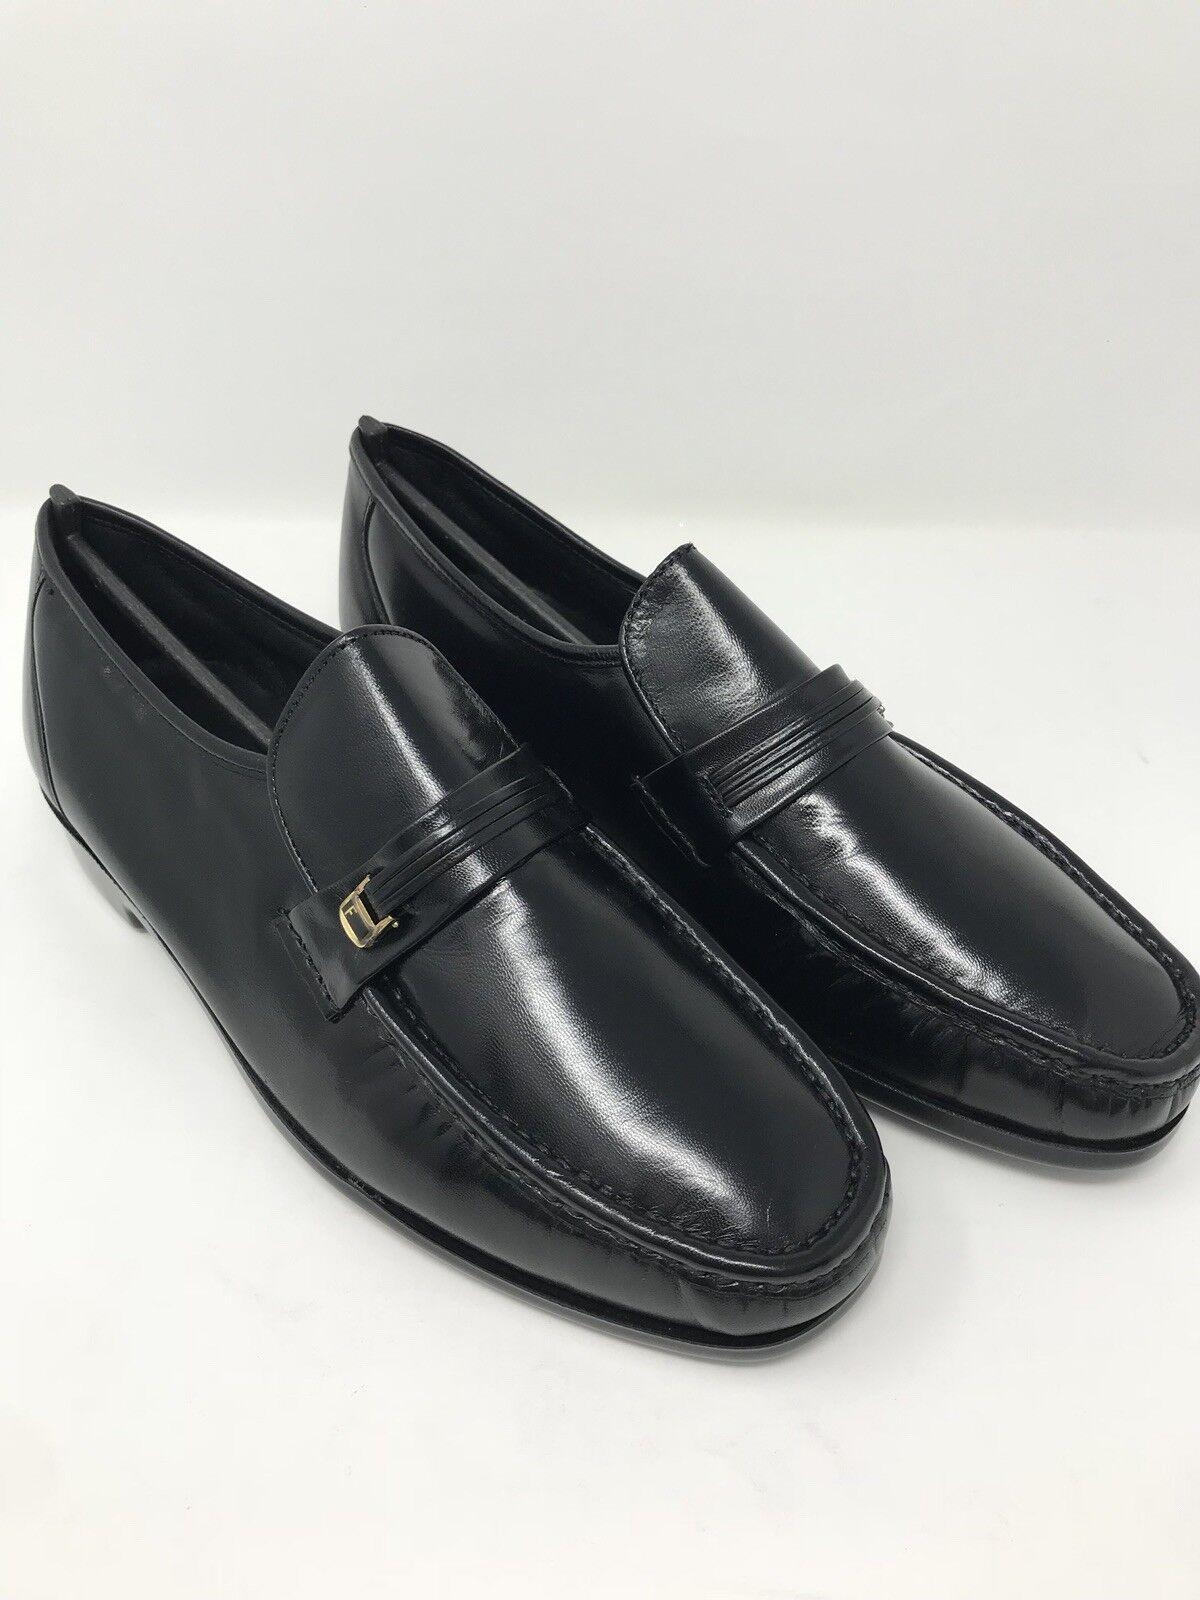 migliore marca Florsheim Uomo Riva Slip On On On scarpe nero 10 D 17088-01 New in Box  rivenditori online